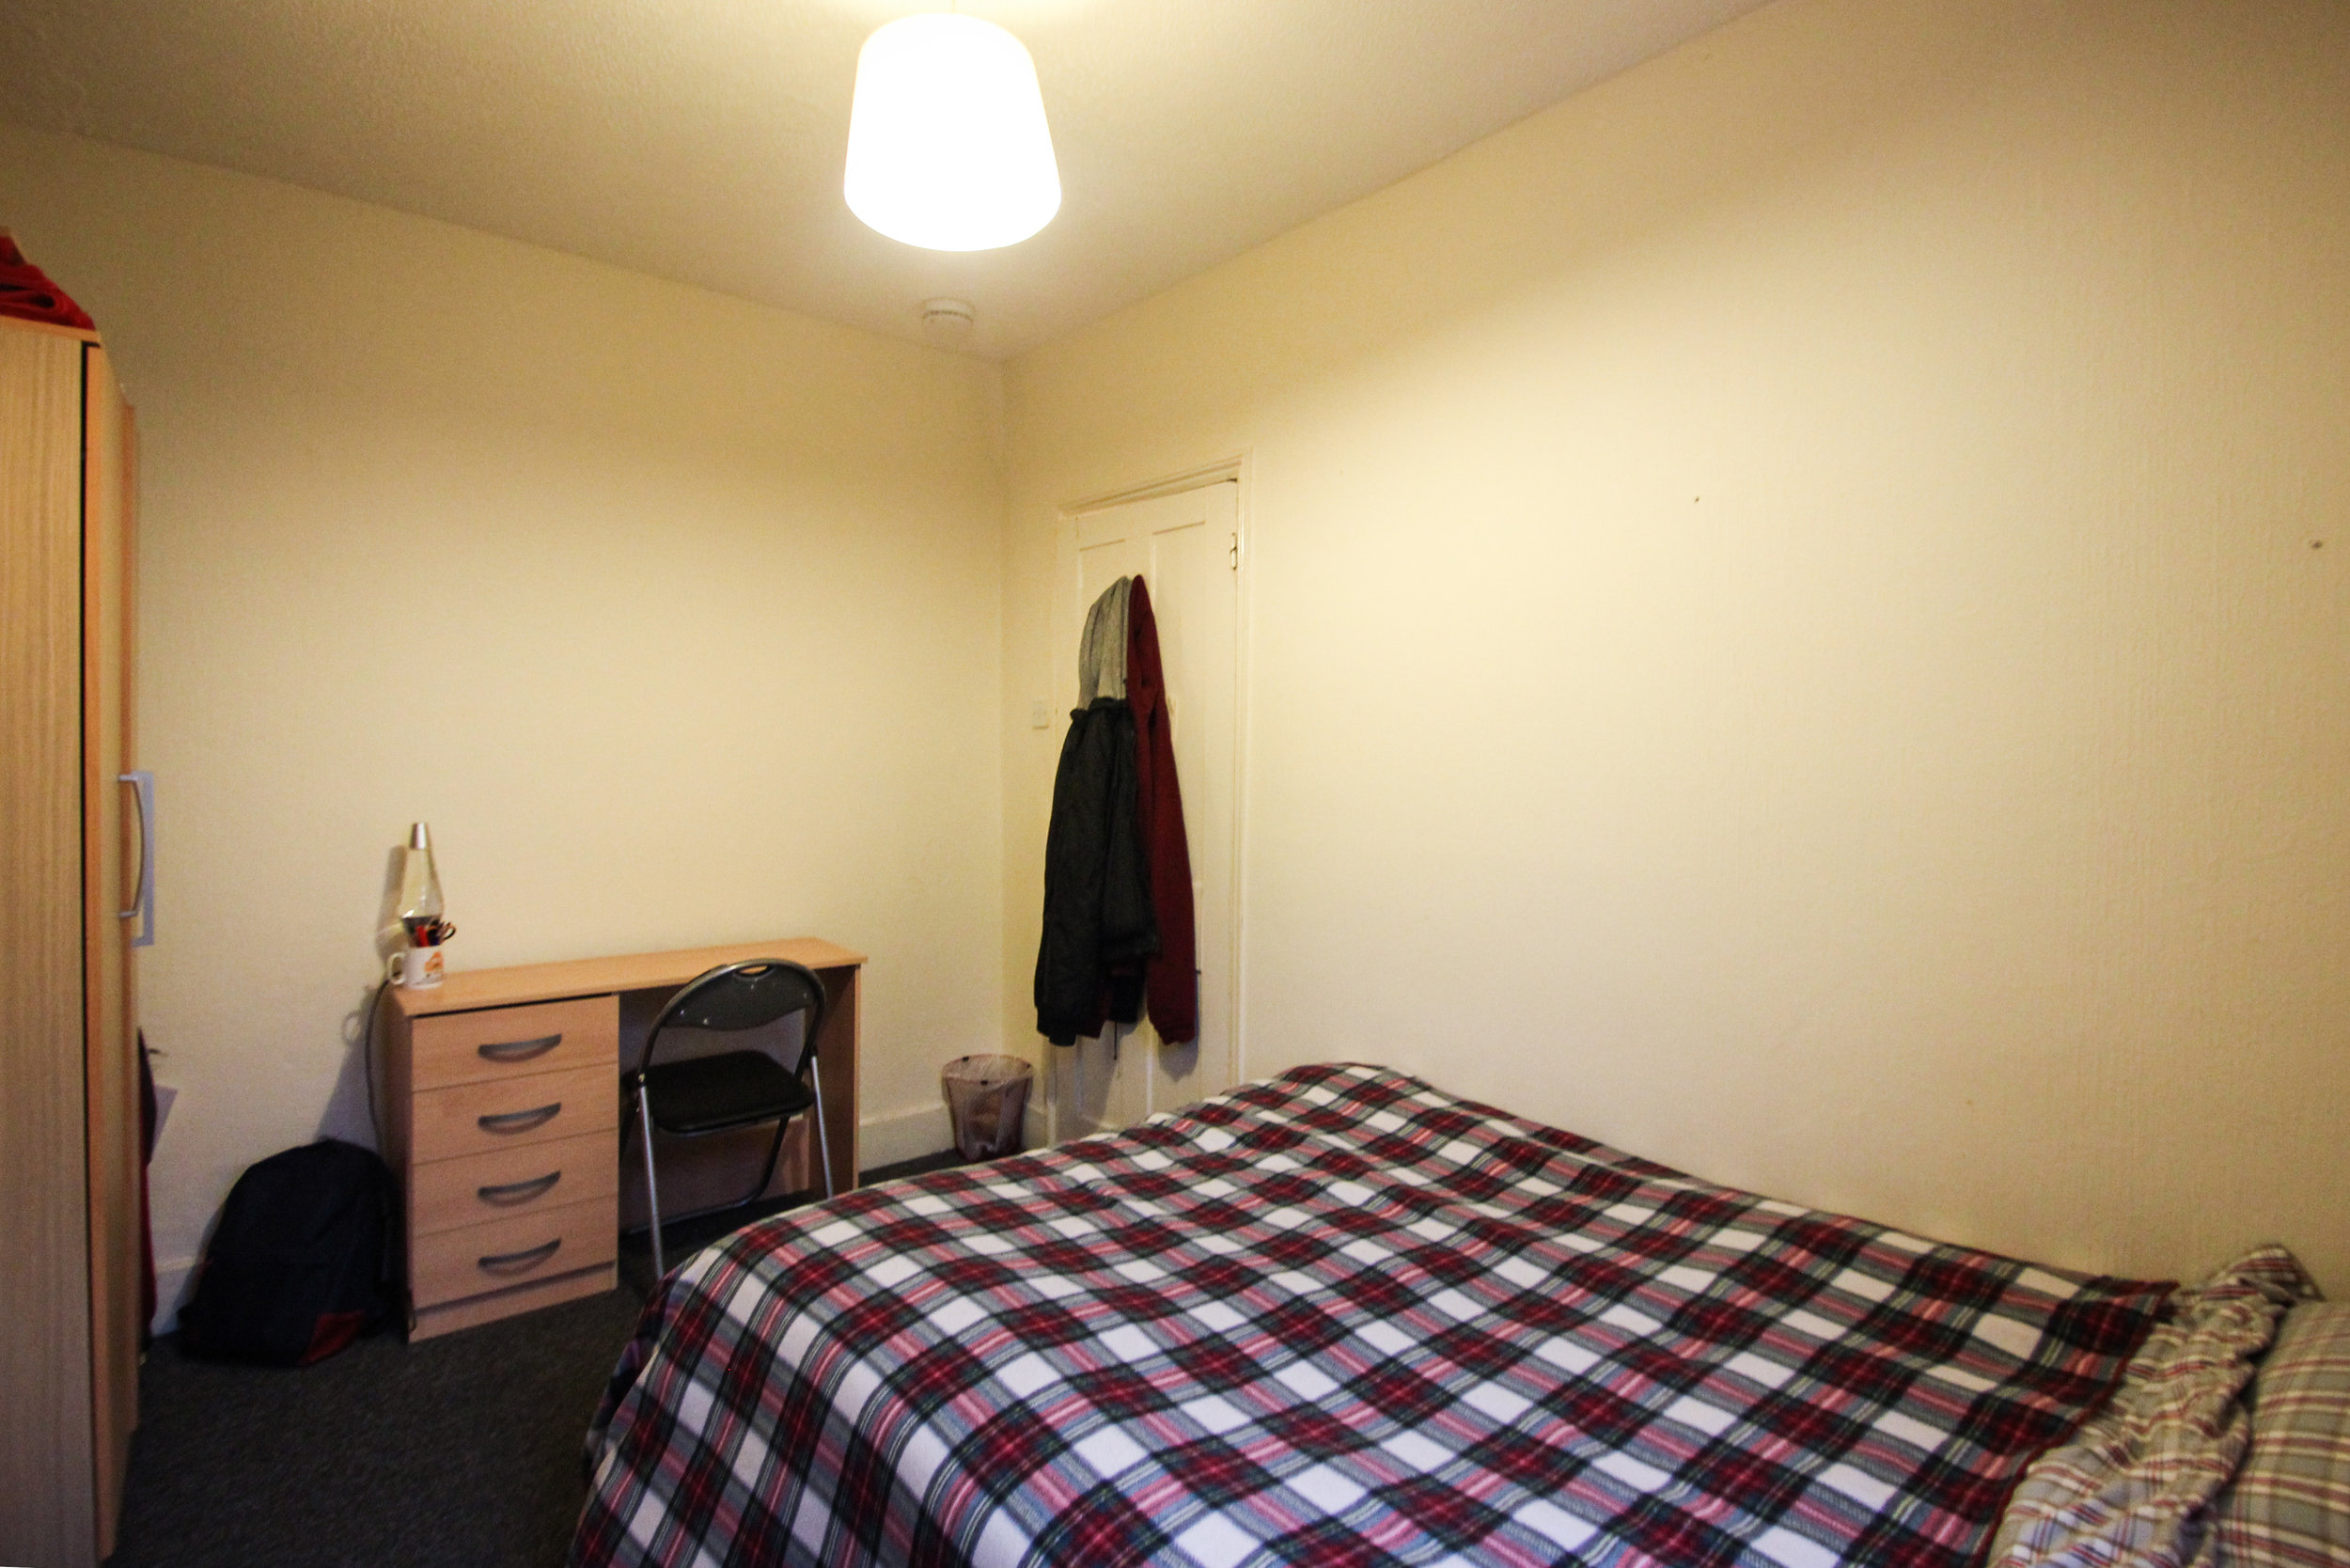 IMG_9703_edited.jpg bedroom 2.jpg